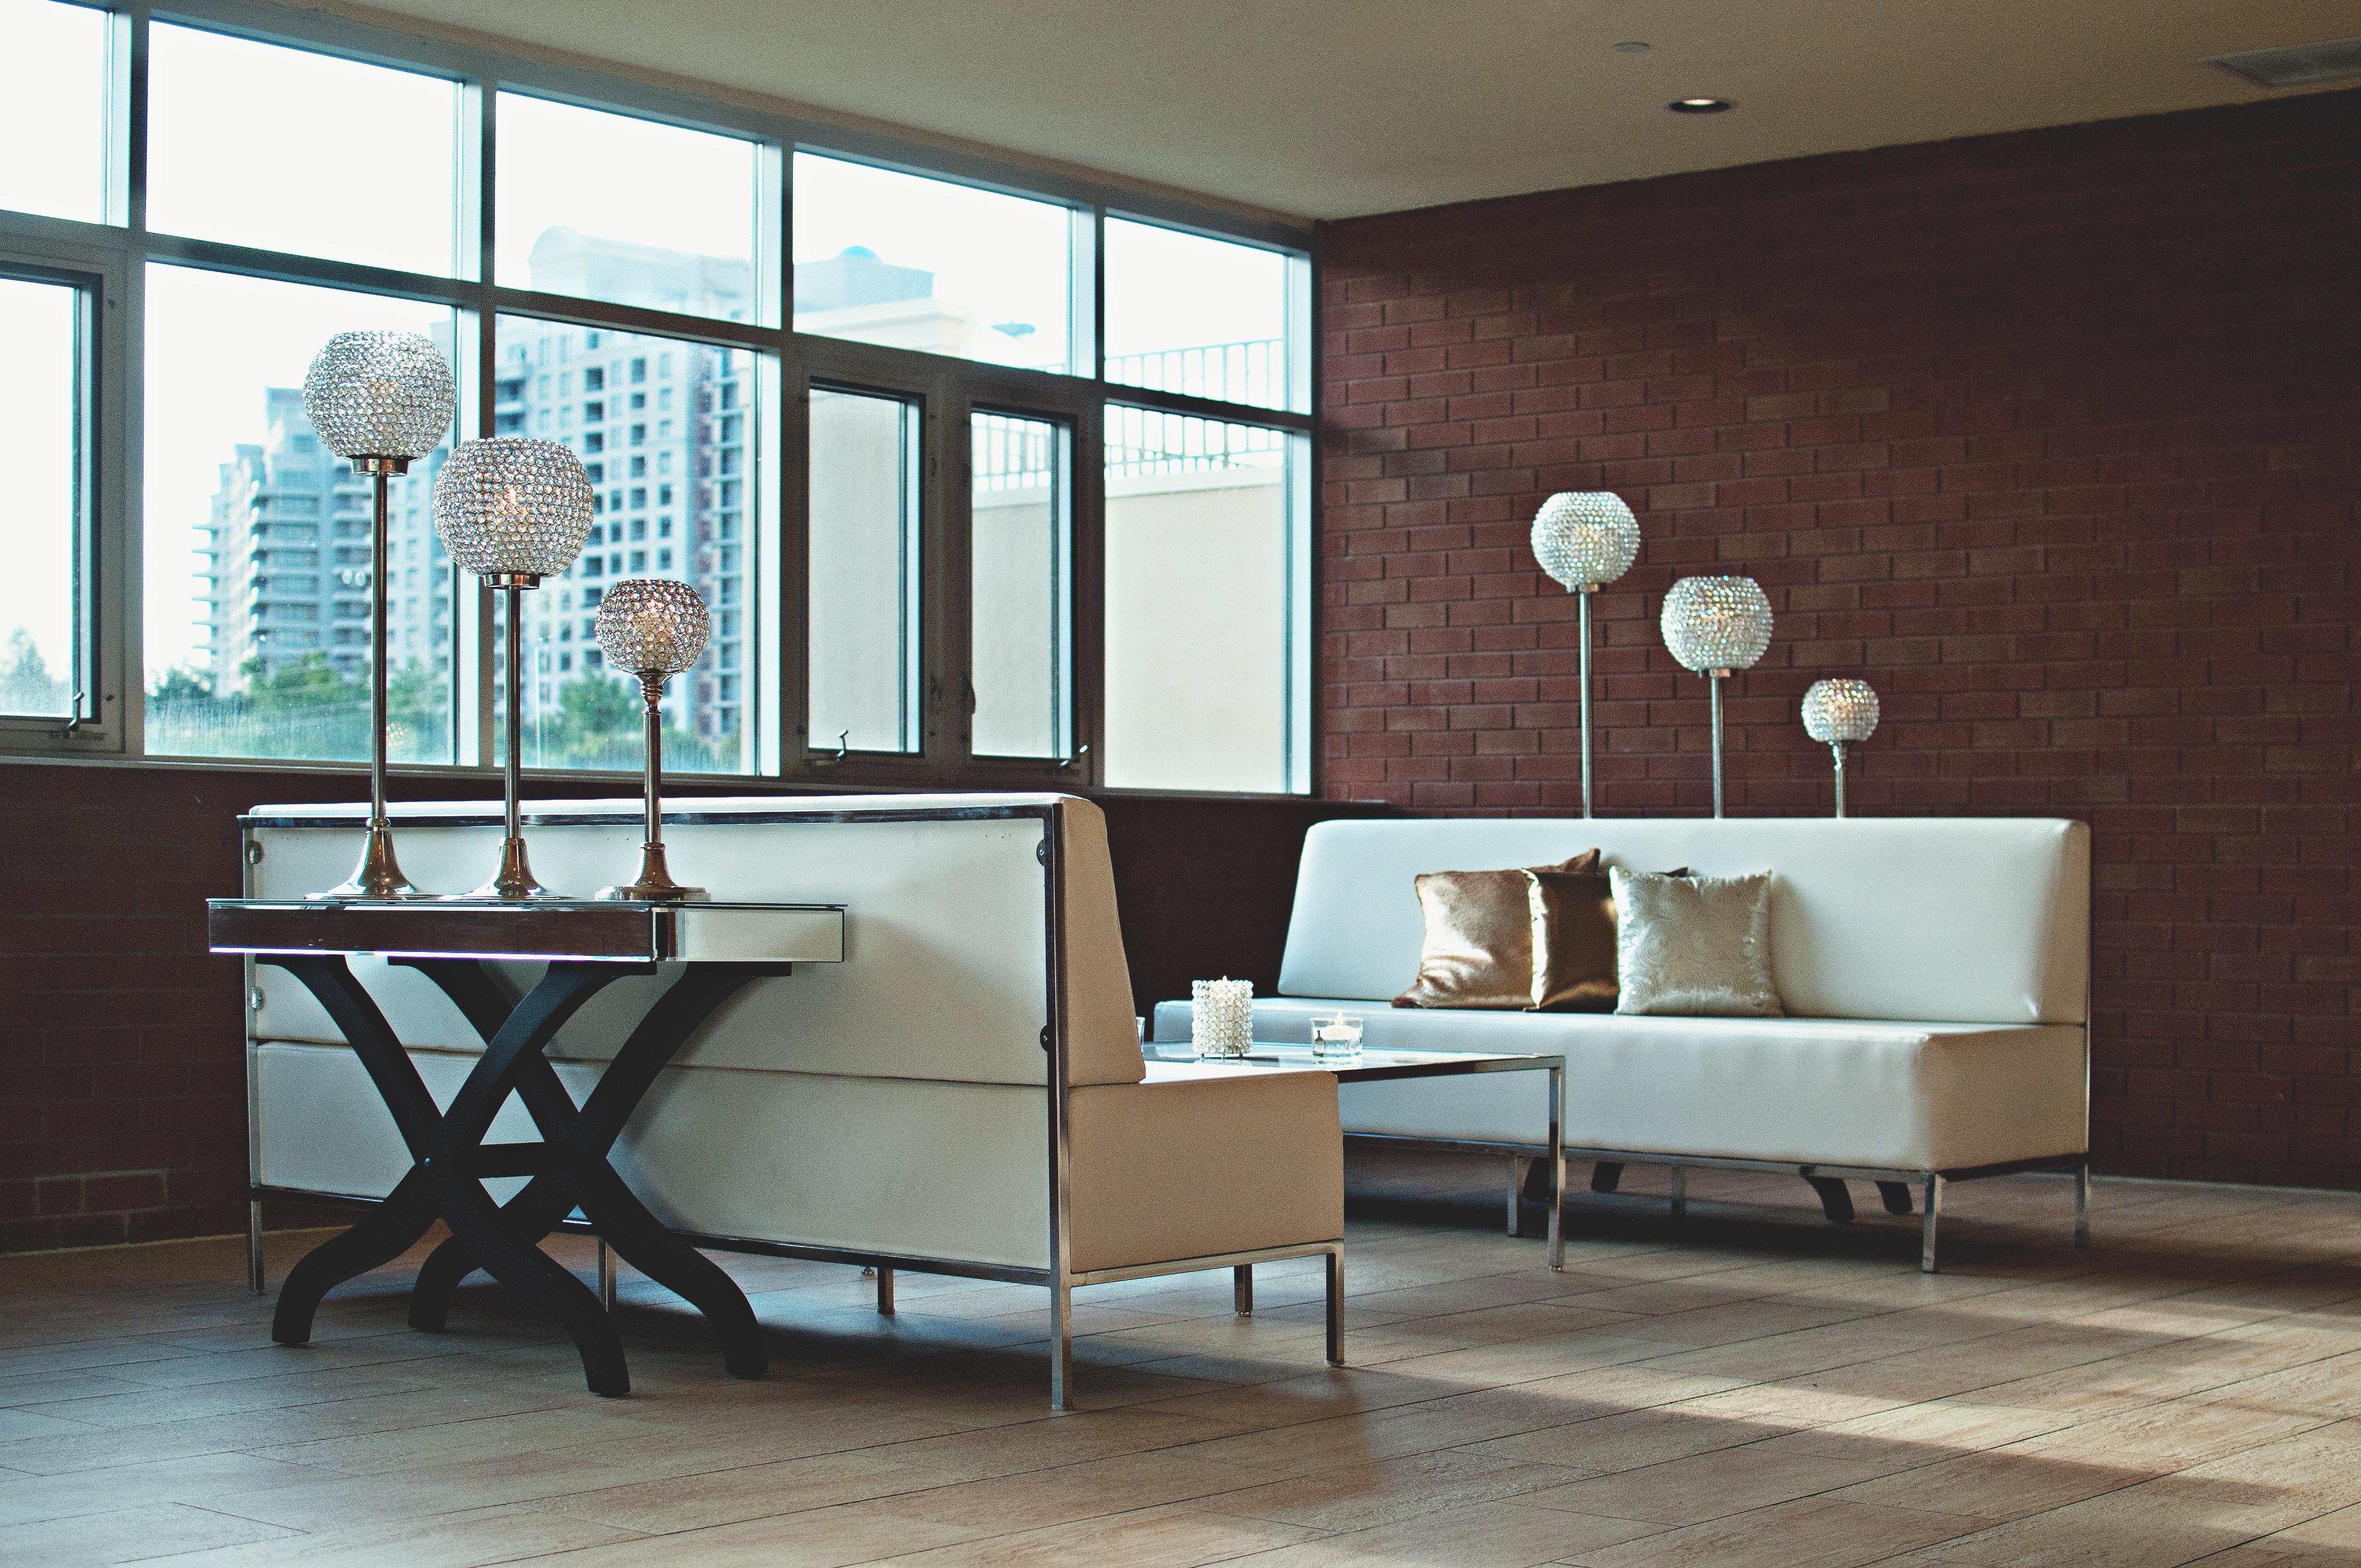 GroBartig Kostenlose Foto : Tabelle, Holz, Haus, Textur, Stock, Sitz, Innere,  Fenster, Zuhause, Muster, Büro, Wohnzimmer, Möbel, Zimmer, Sofa, Wohnung,  Modern, Couch, ...